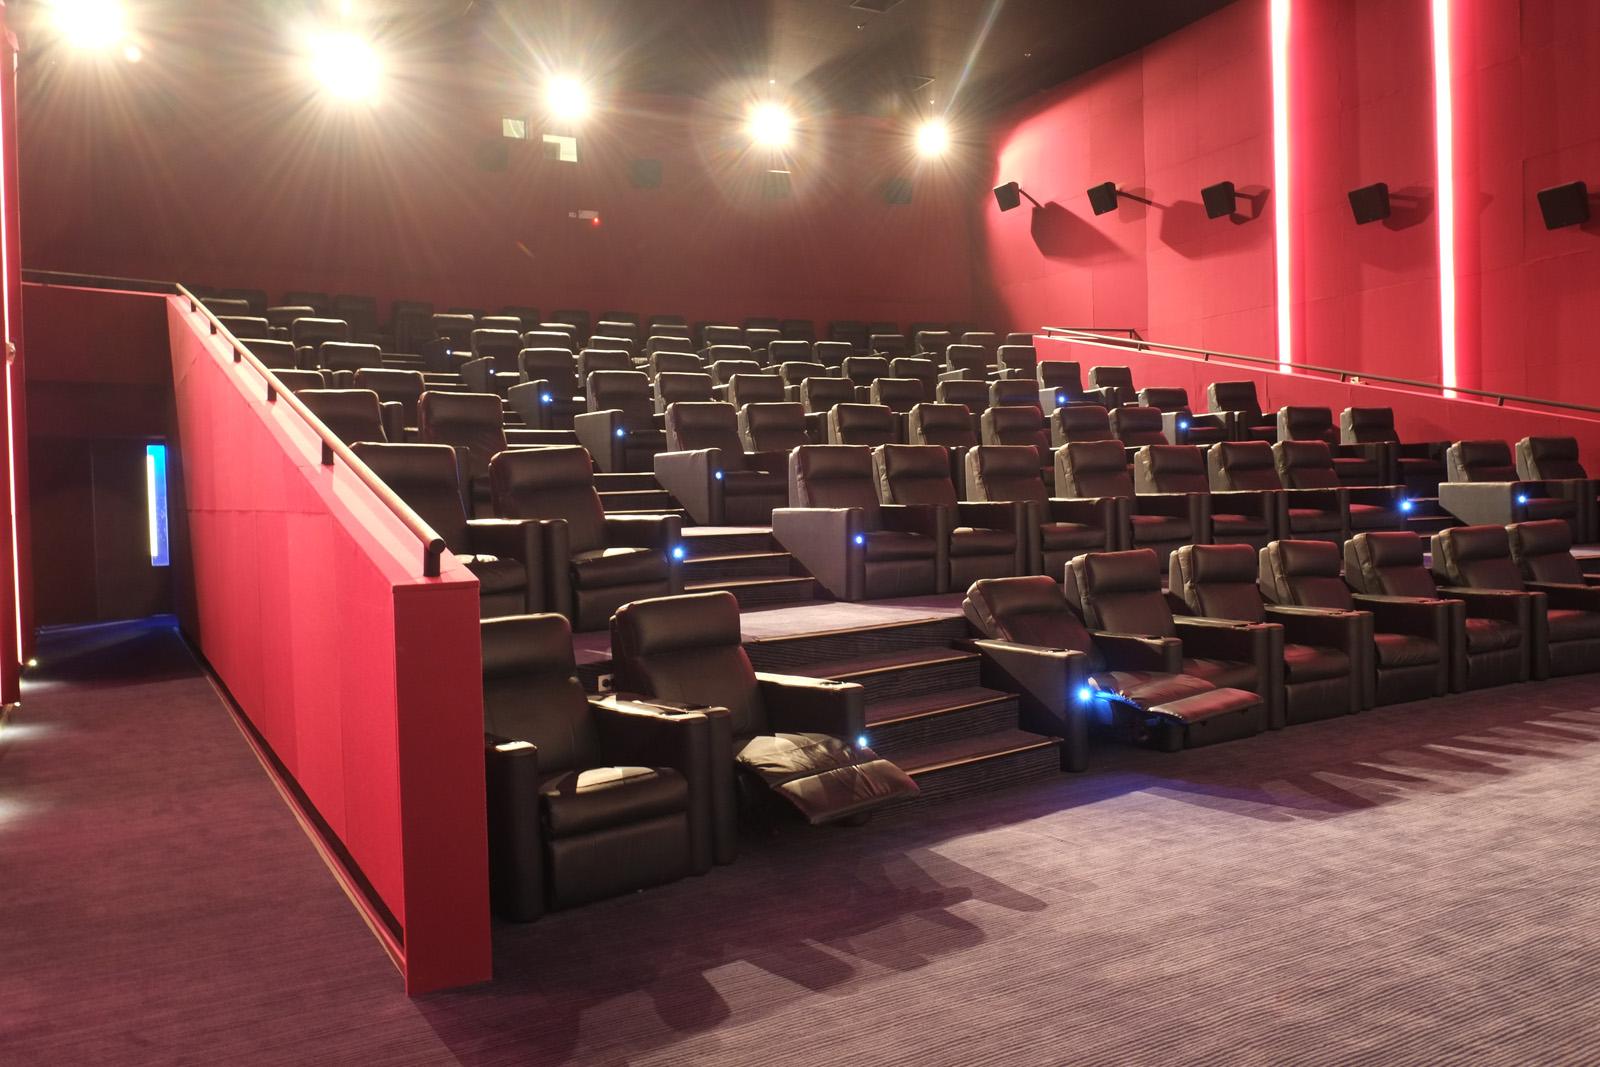 Regal movie theatre locations